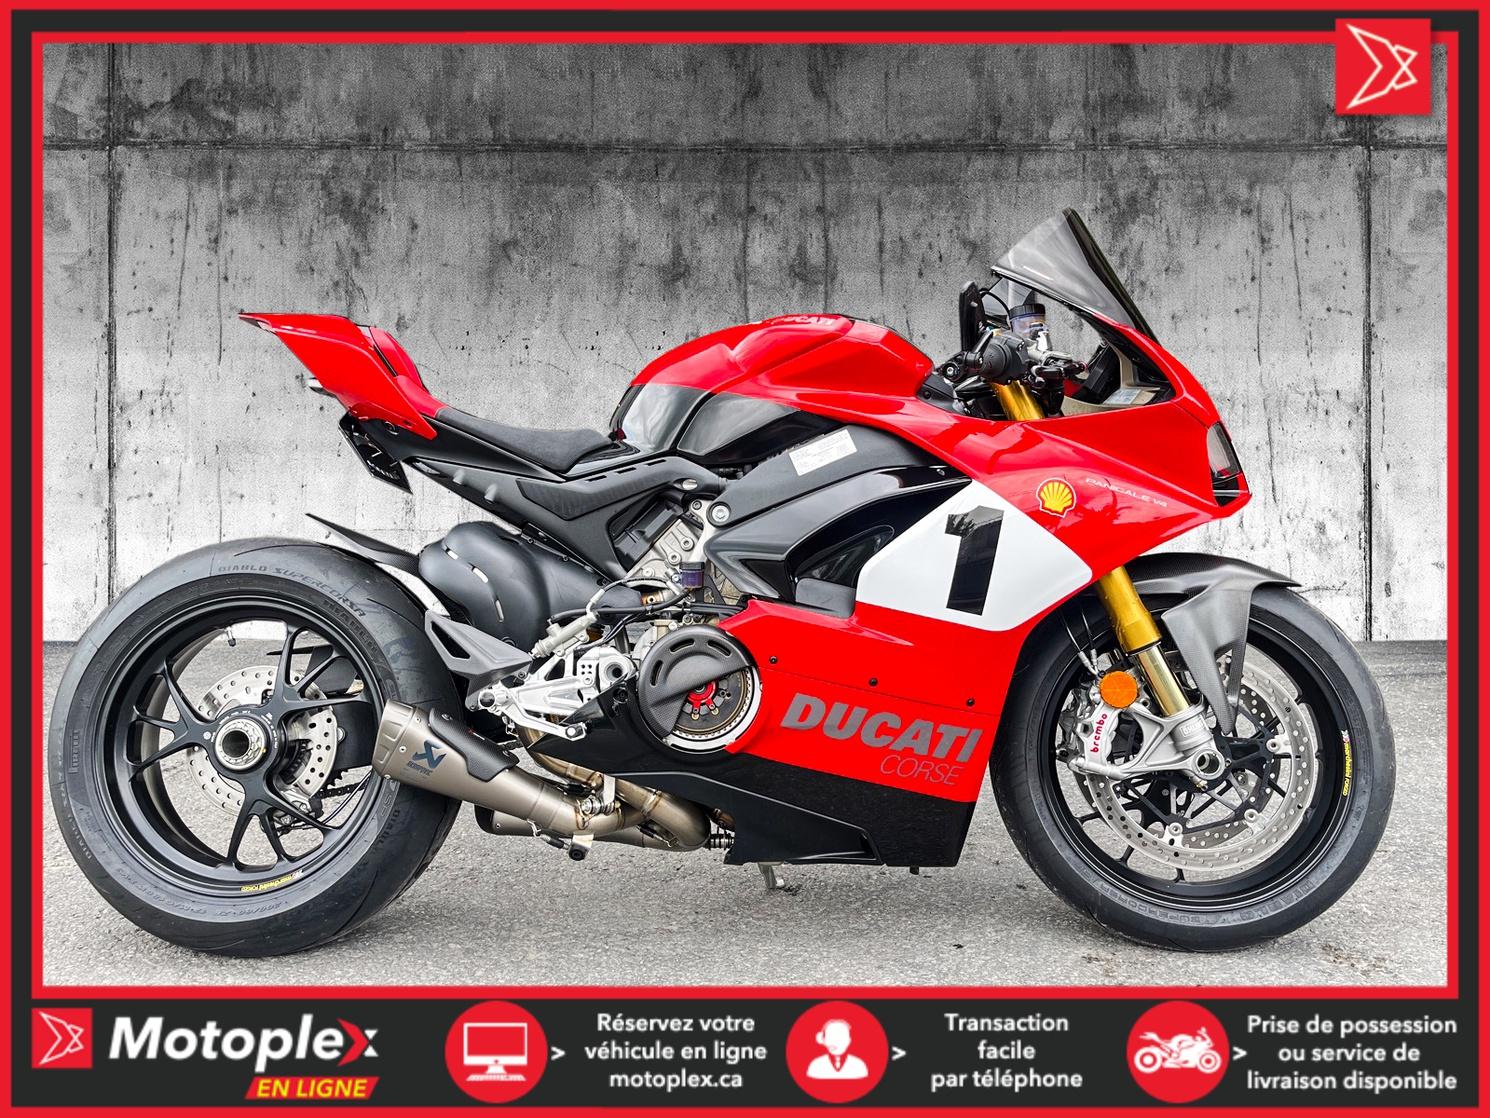 2020 Ducati PANIGALE V4 25 ANNIVERSARIO 916 EDITION 232/500